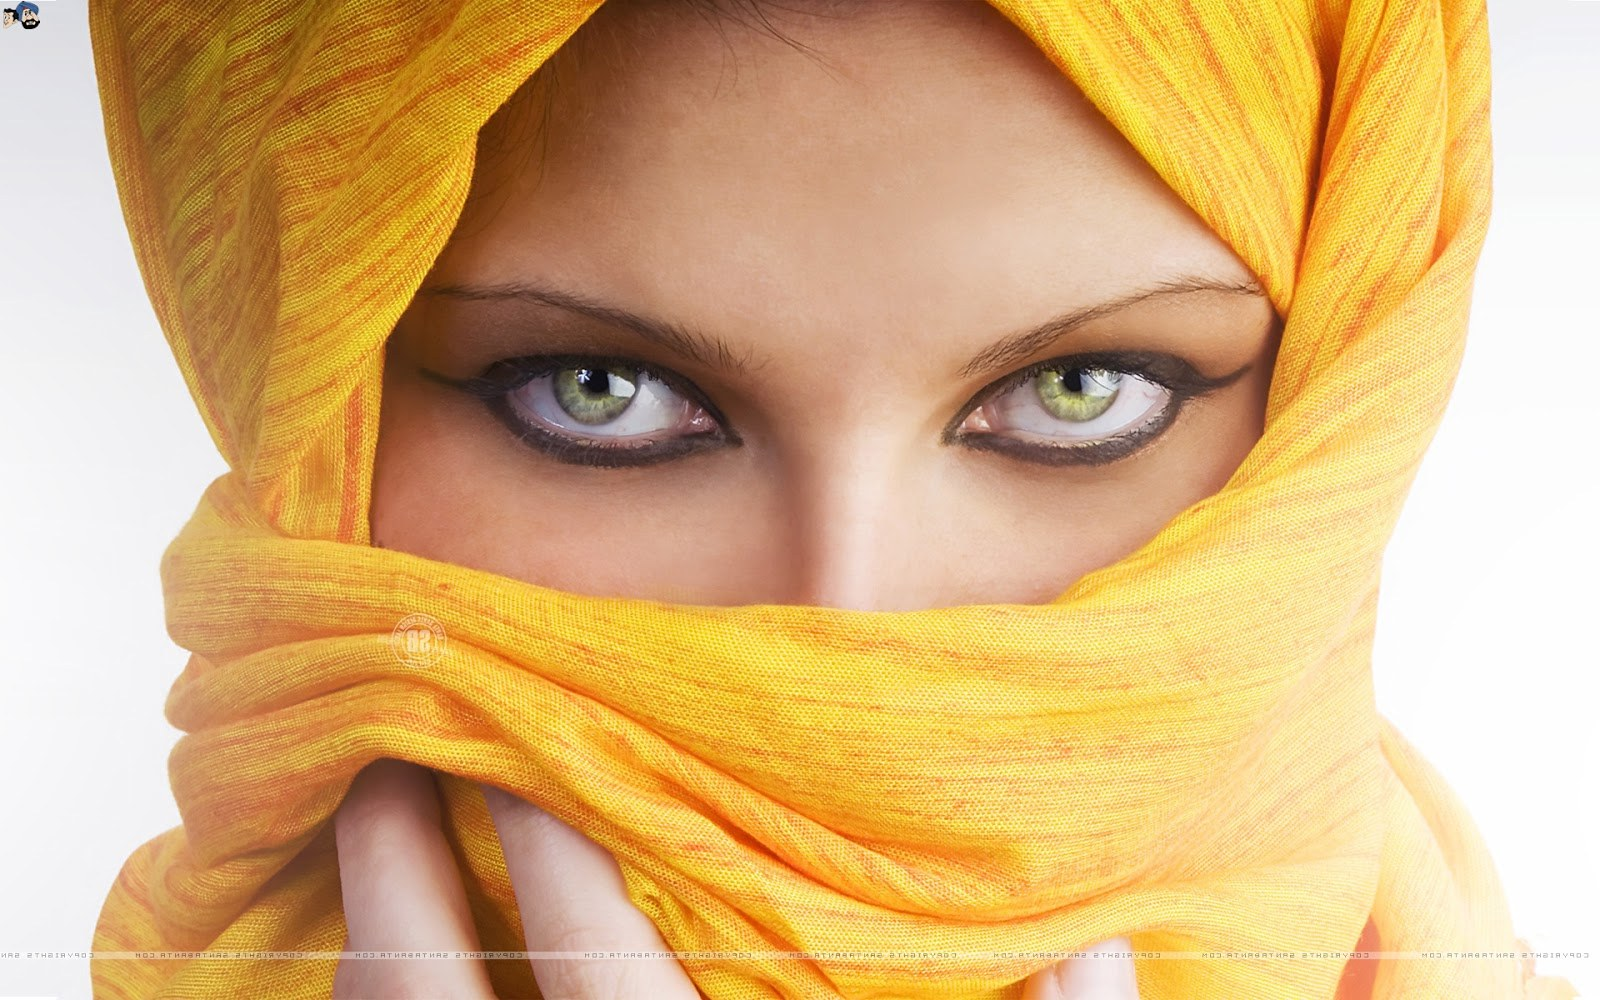 Ide Muslimah Bercadar Ipdd Koleksi Wallpaper Wanita Muslimah Bercadar Fauzi Blog